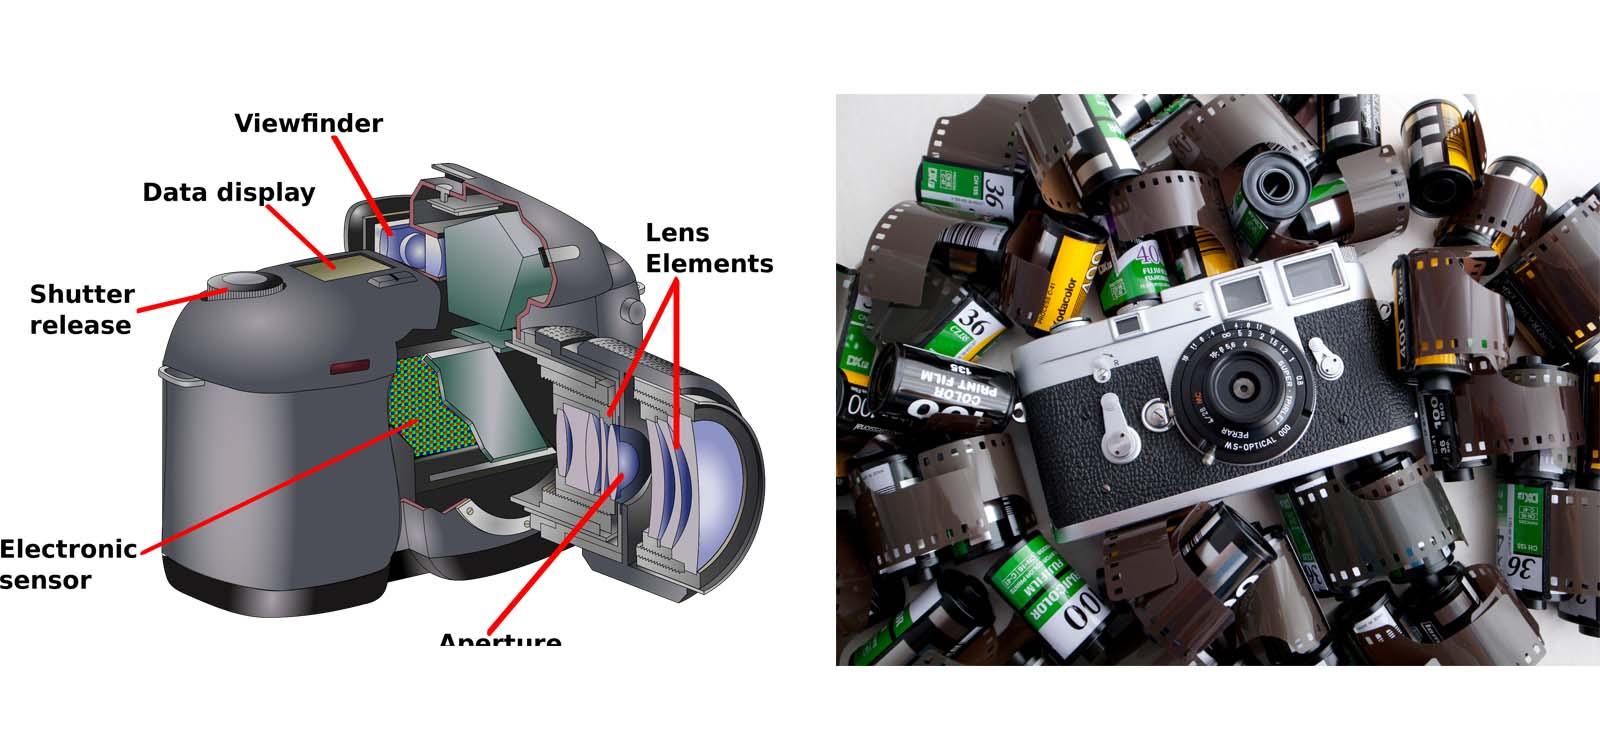 اجزای دوربین